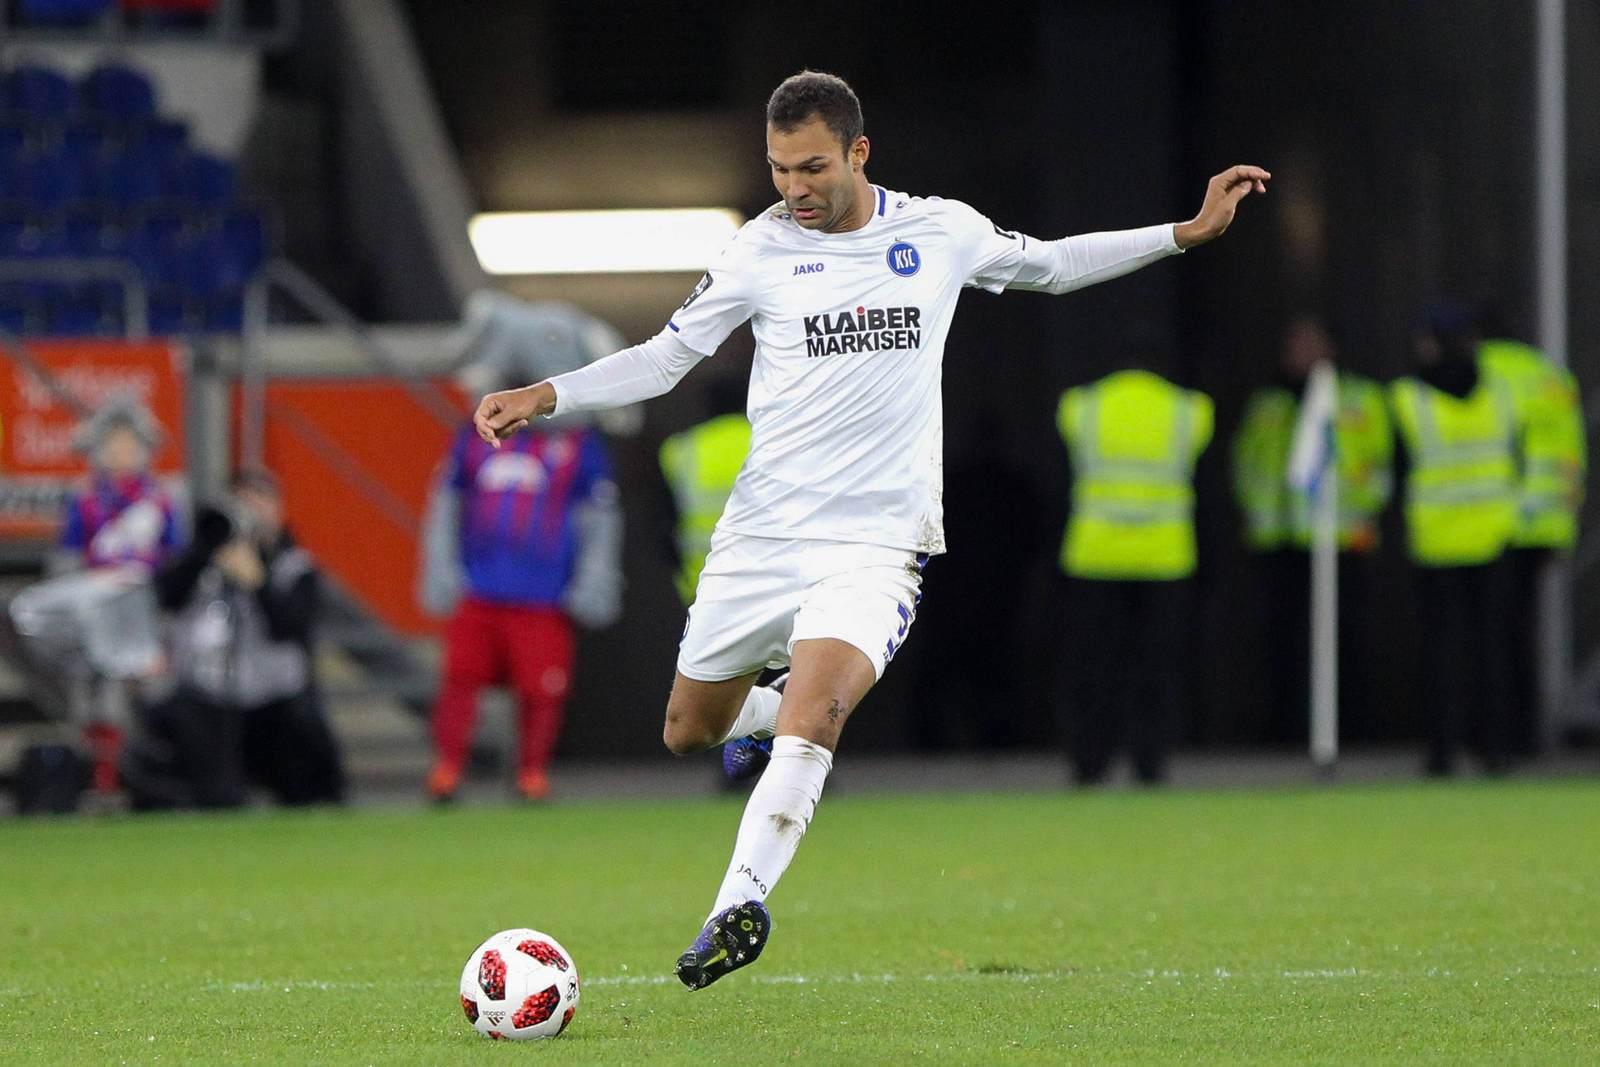 Daniel Gordon am Ball für den Karlsruher SC